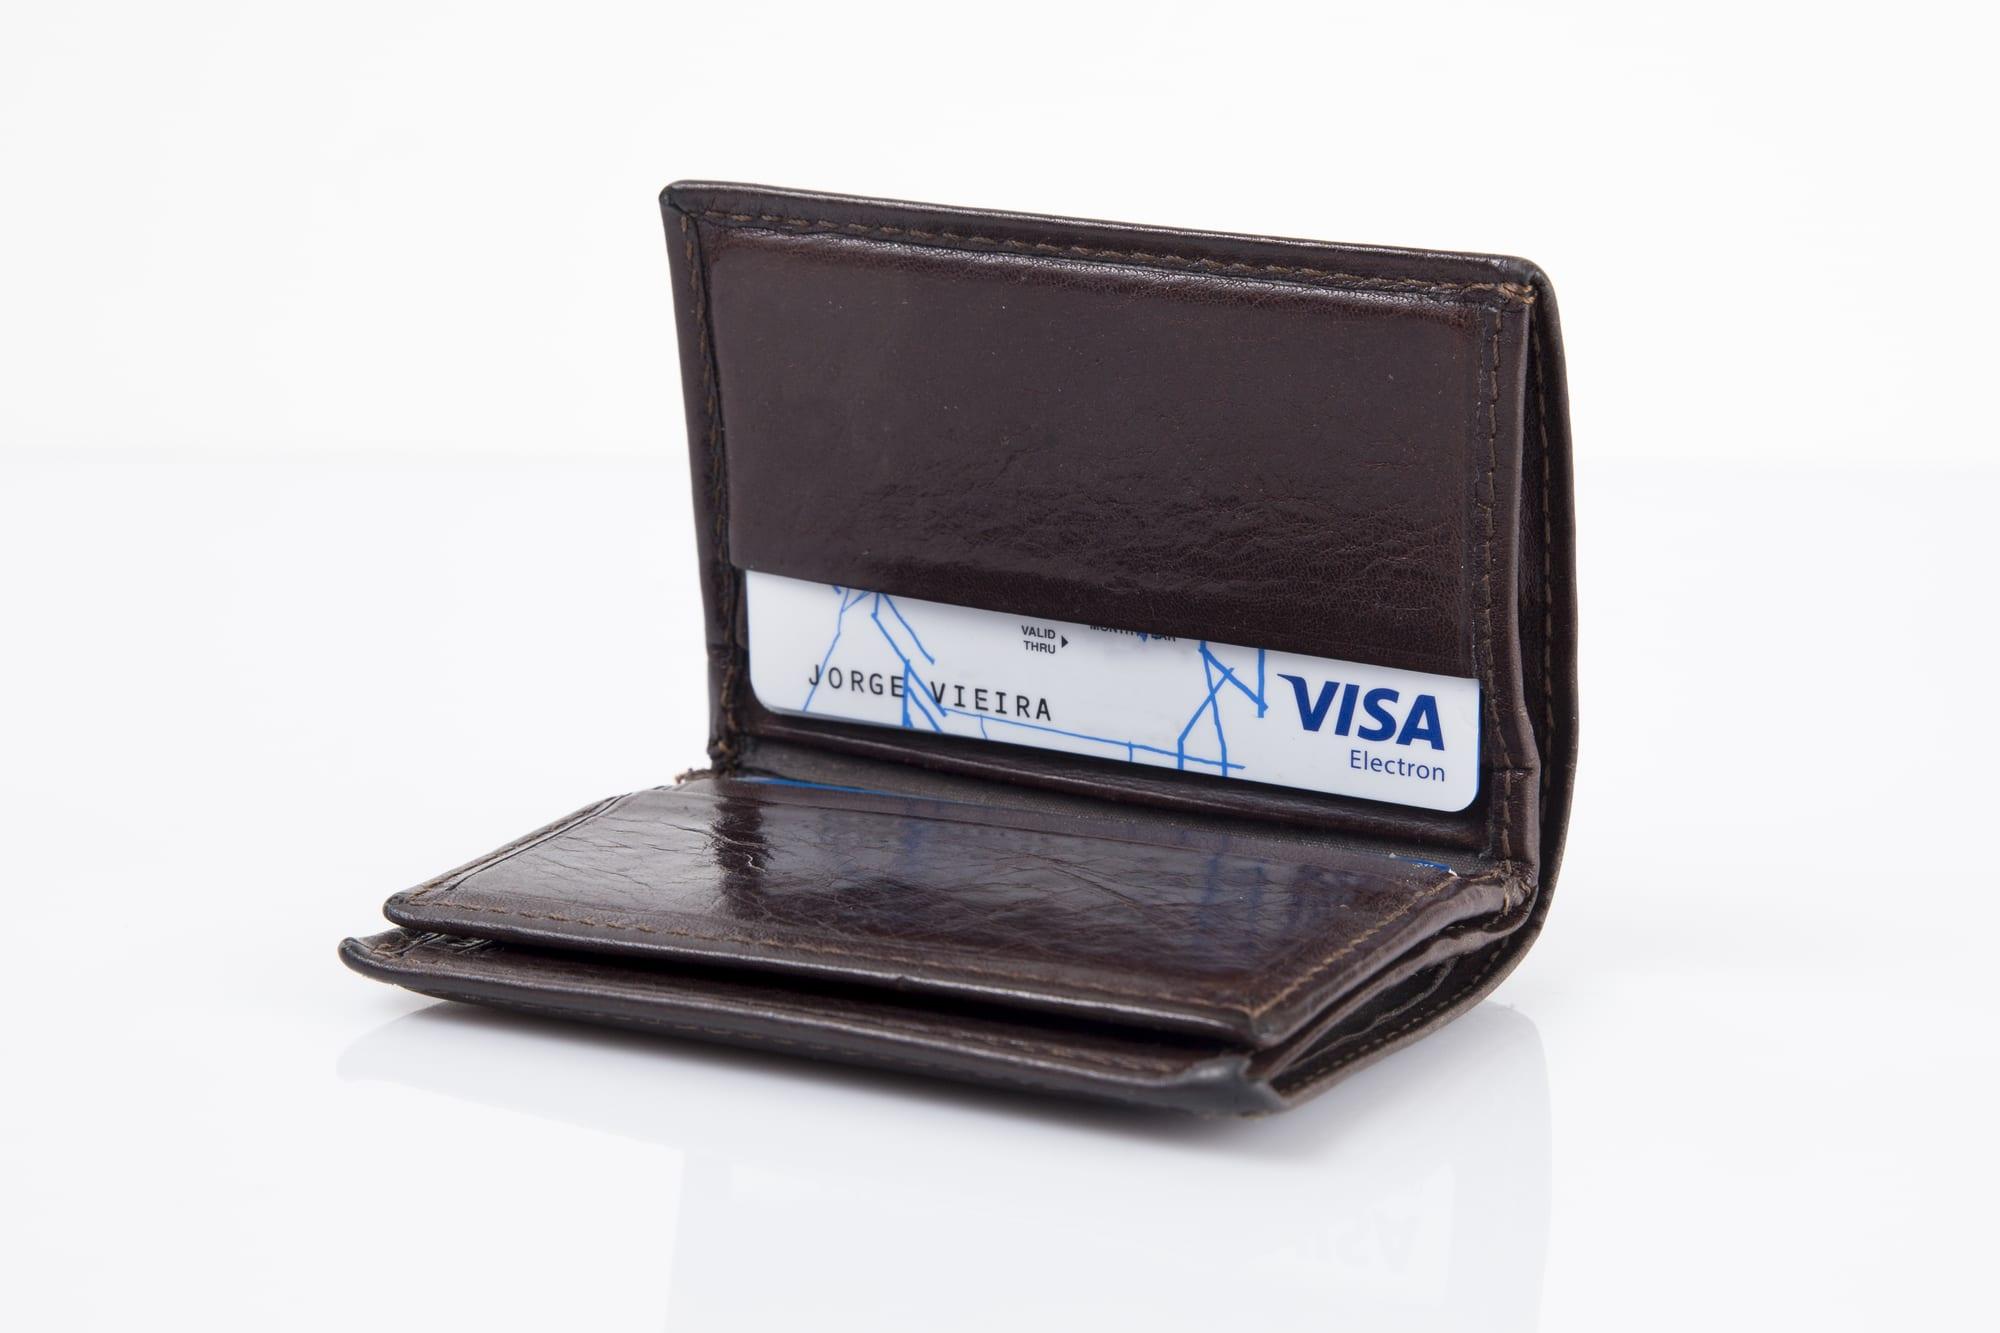 Станет ли Visa конкурентом системы быстрых платежей (СБП)?